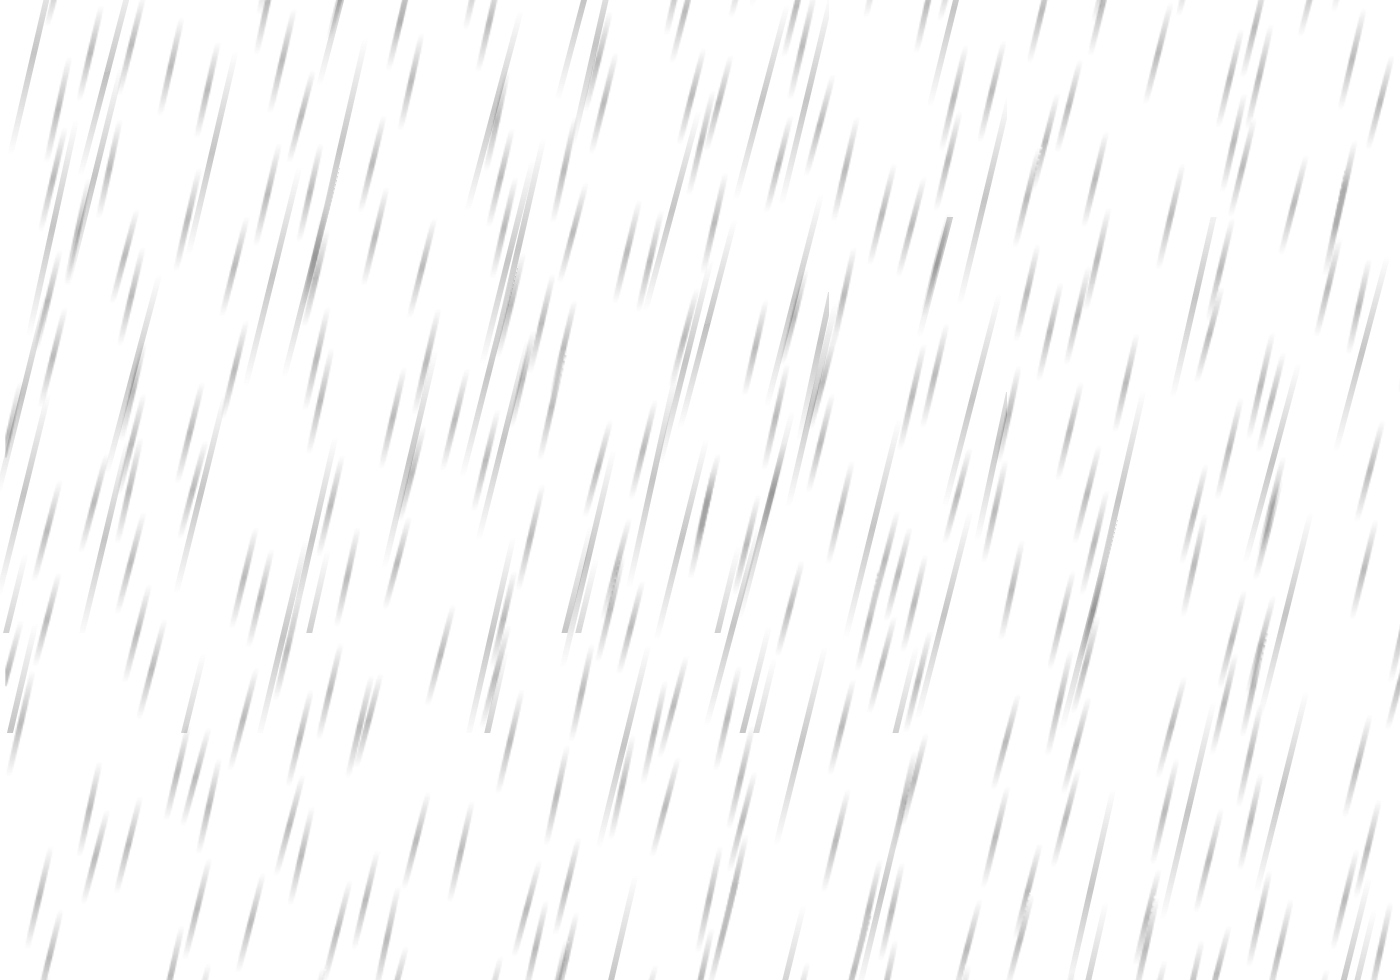 Открытки, гифки дождь на прозрачном фоне